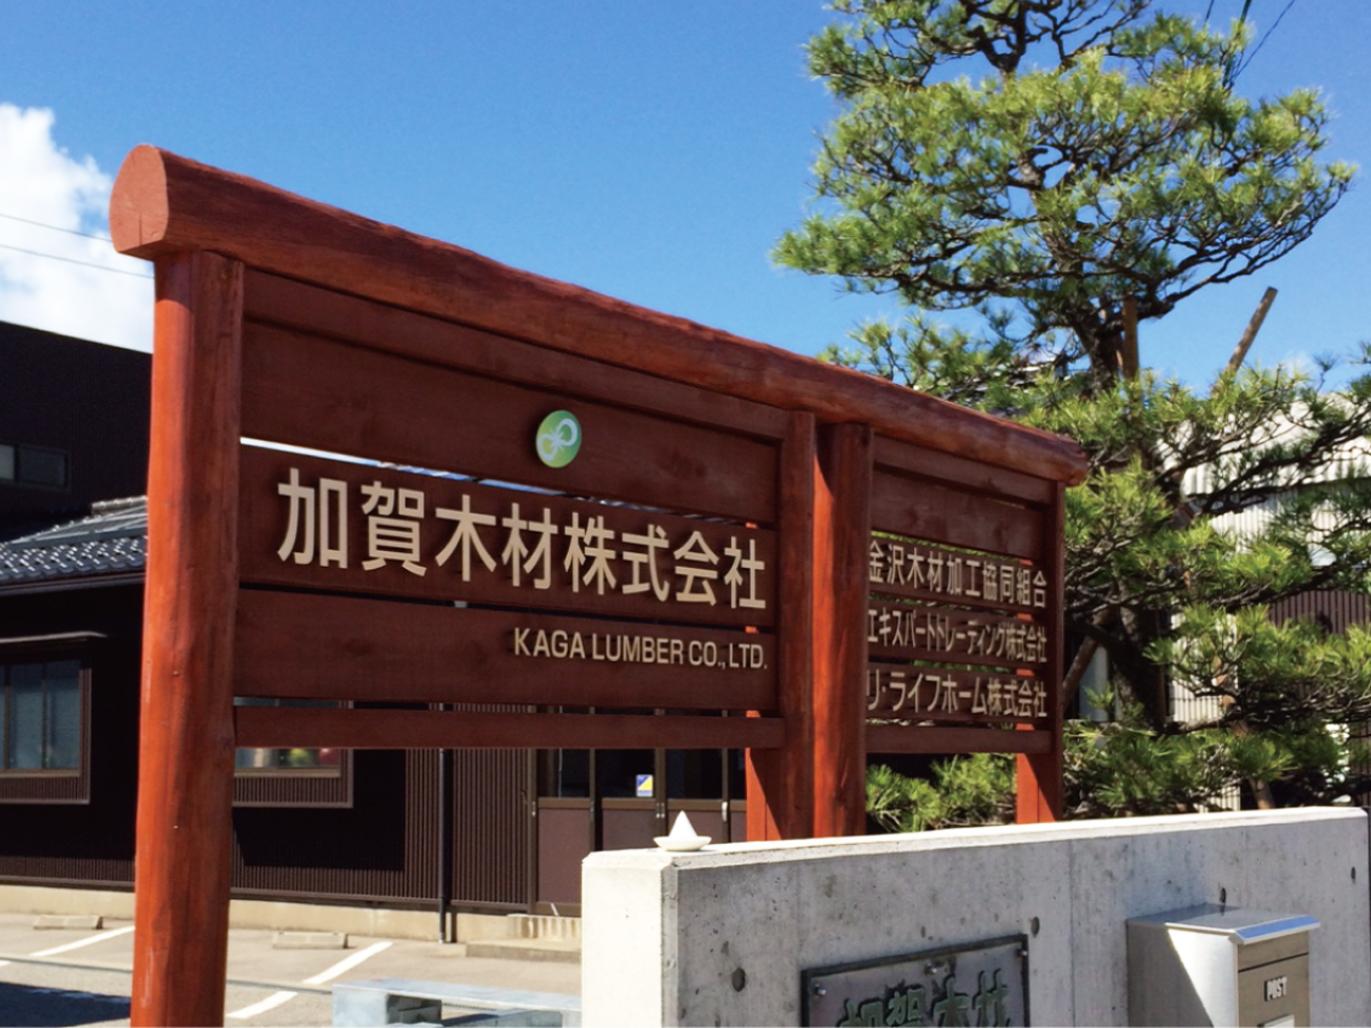 加賀木材株式会社様